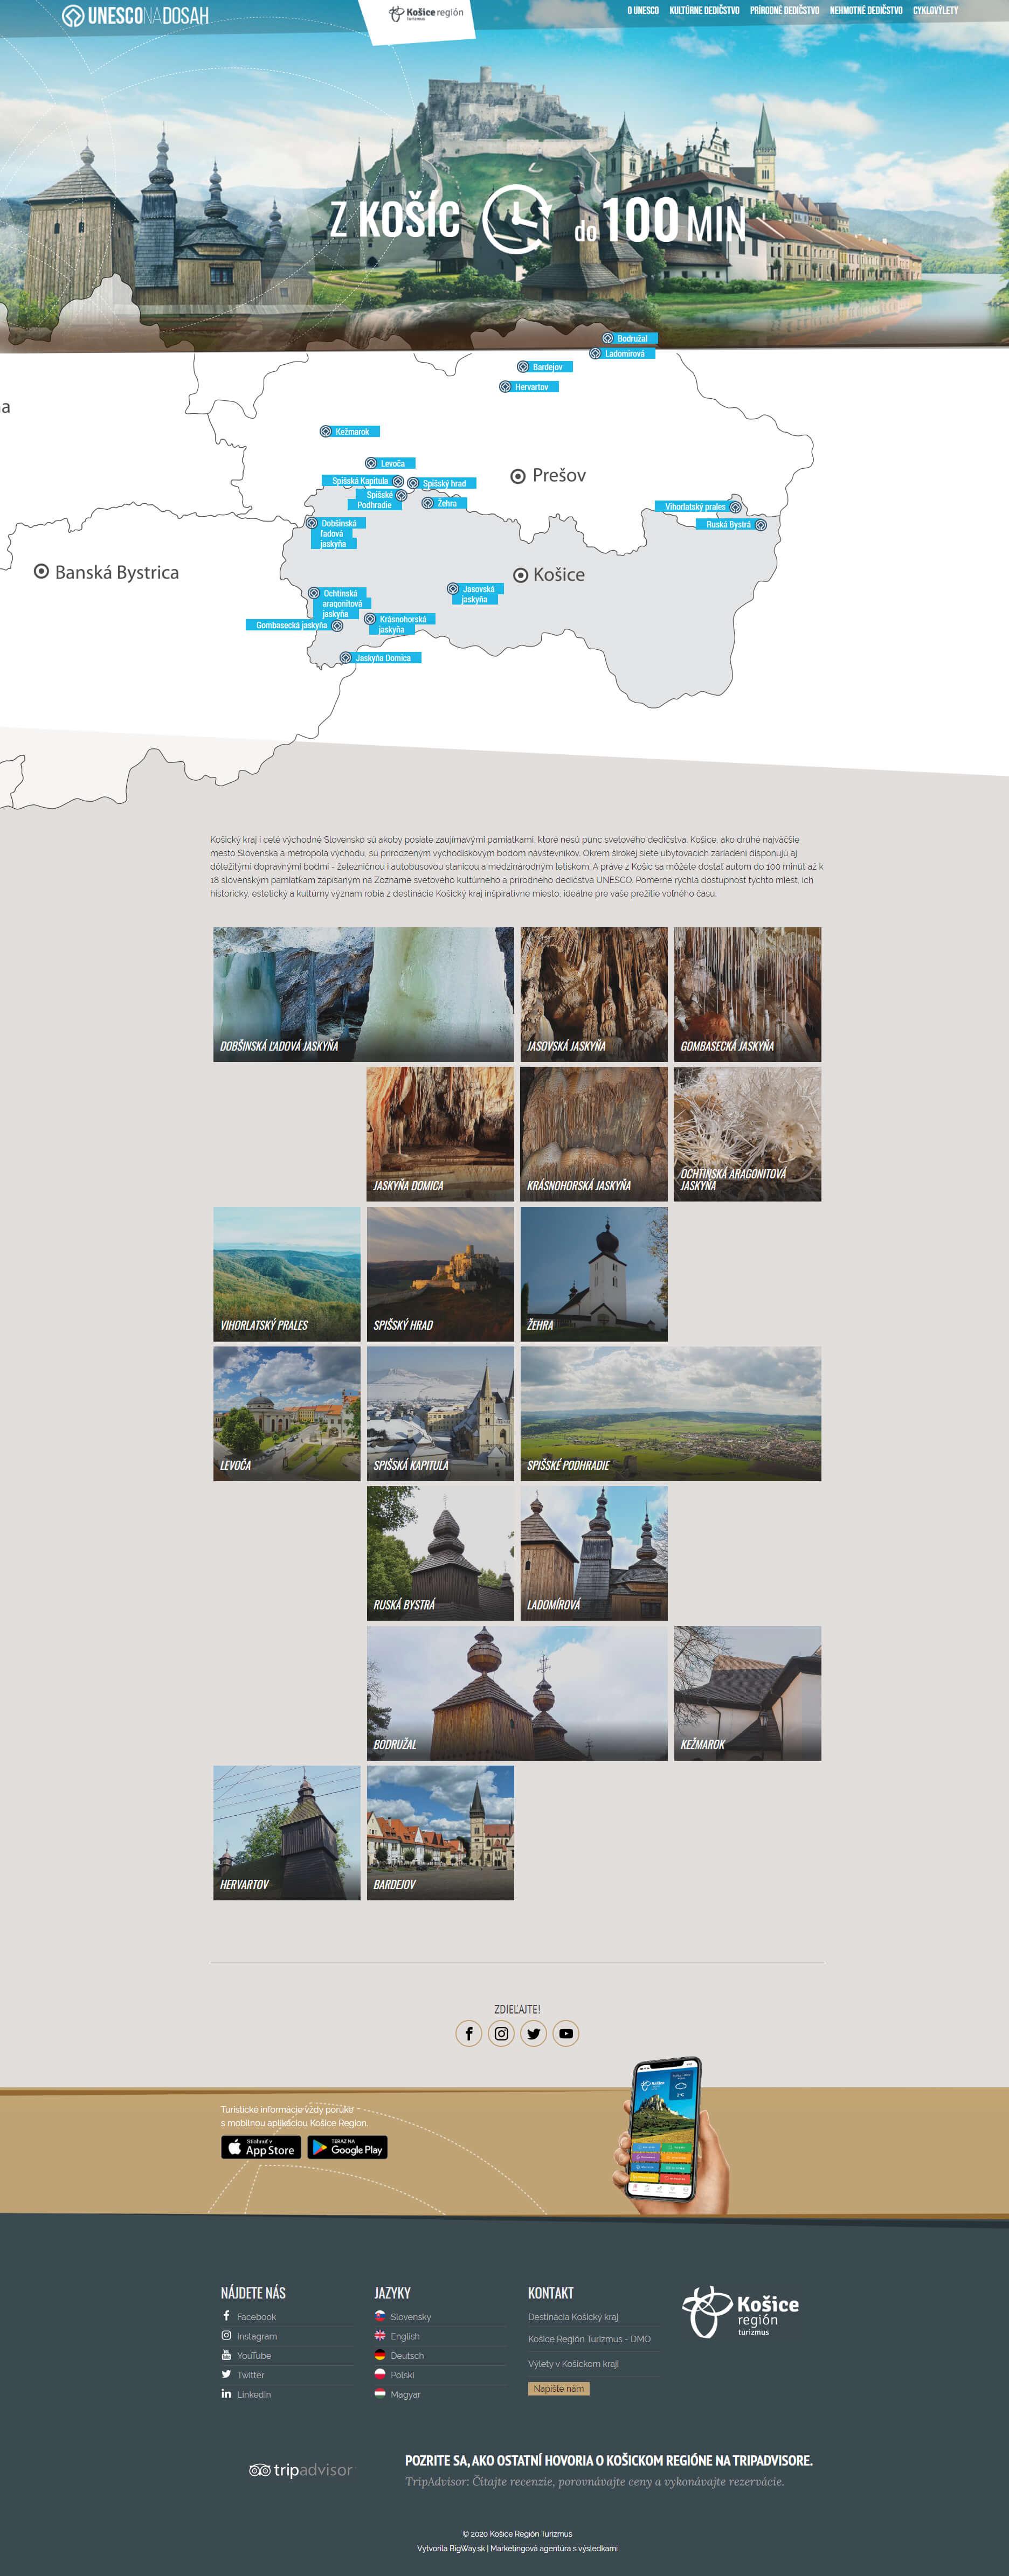 Tvorba webu s pamiatkami Unesco a interaktívnou mapou